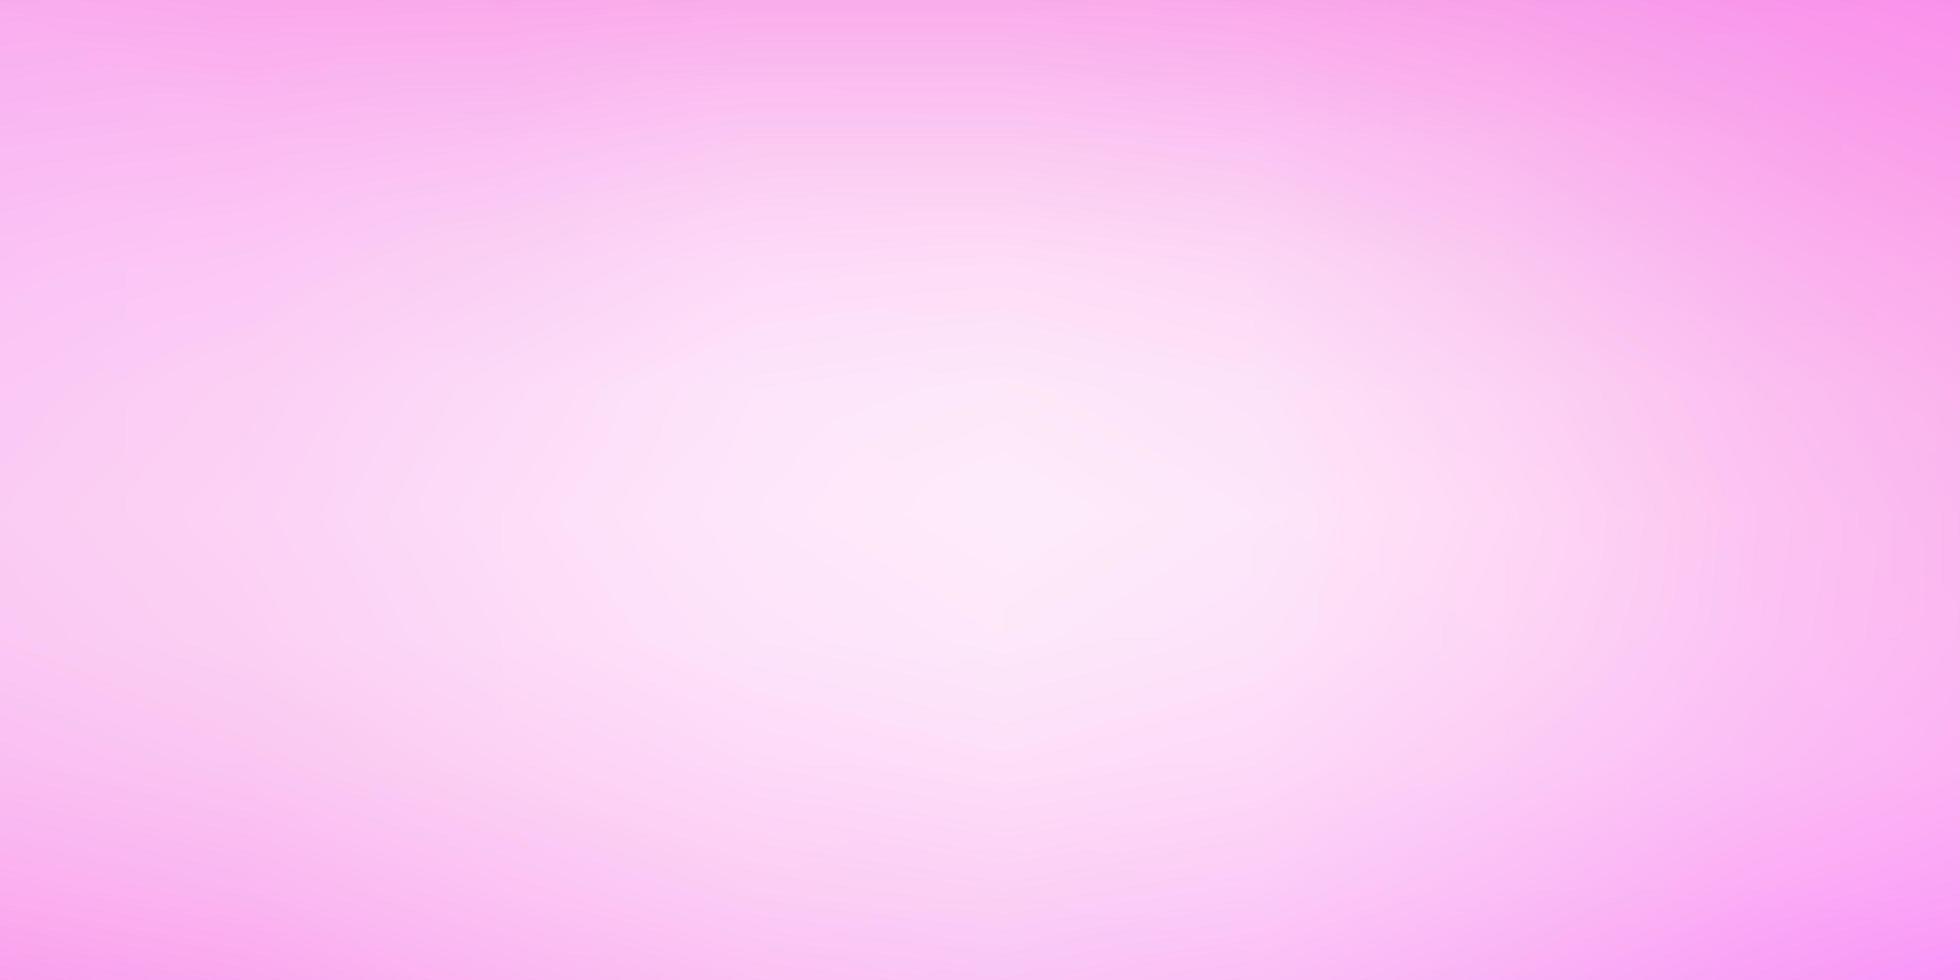 modello luminoso astratto rosa chiaro. vettore